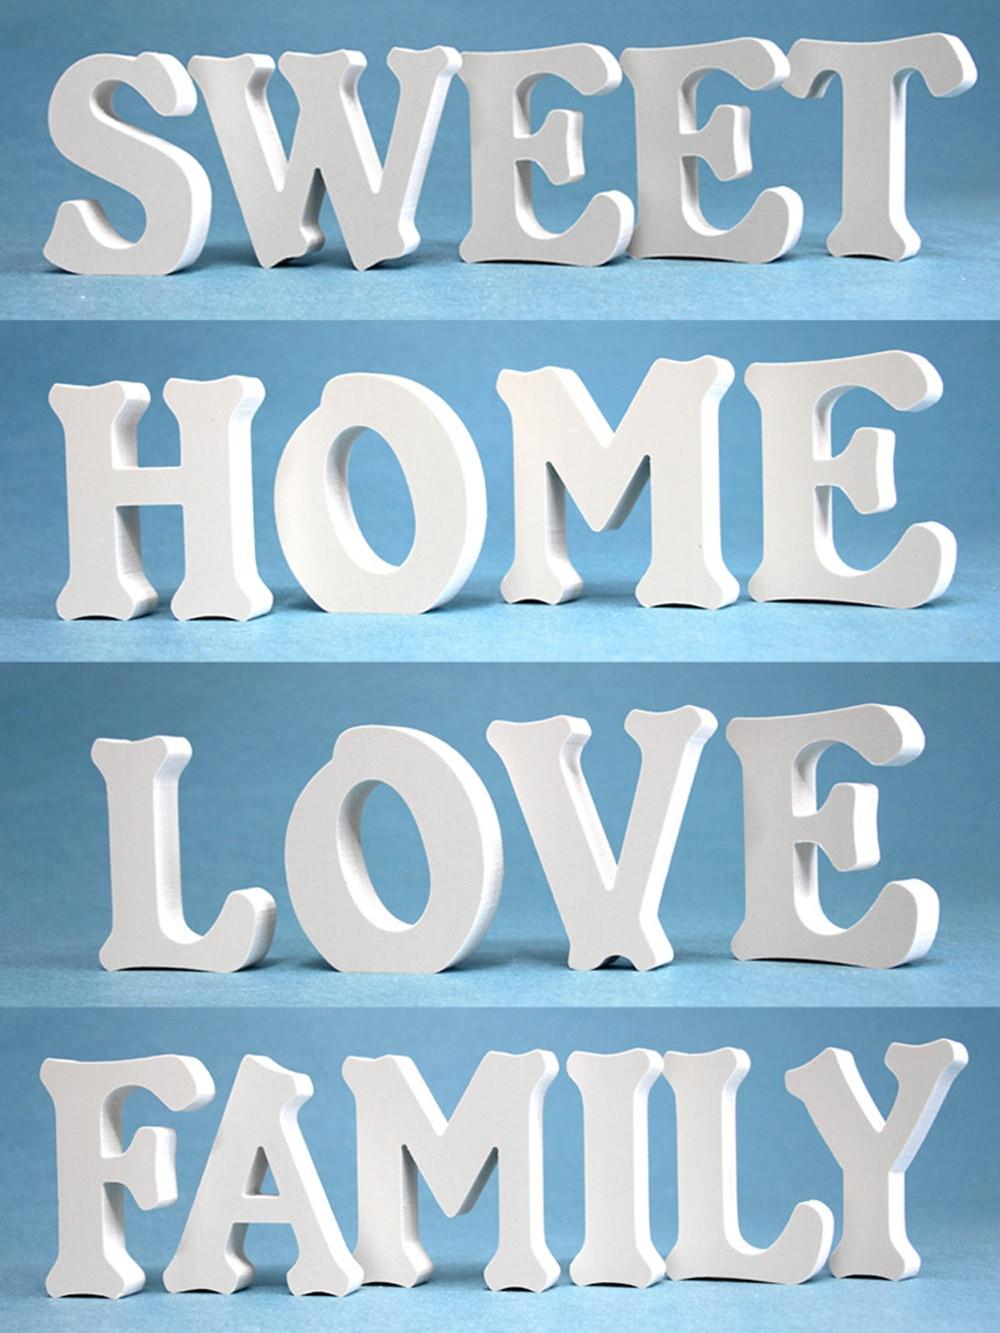 Креативный домашний интерьер с белыми буквами, свадебные украшения, подарки на день Святого Валентина и любовь